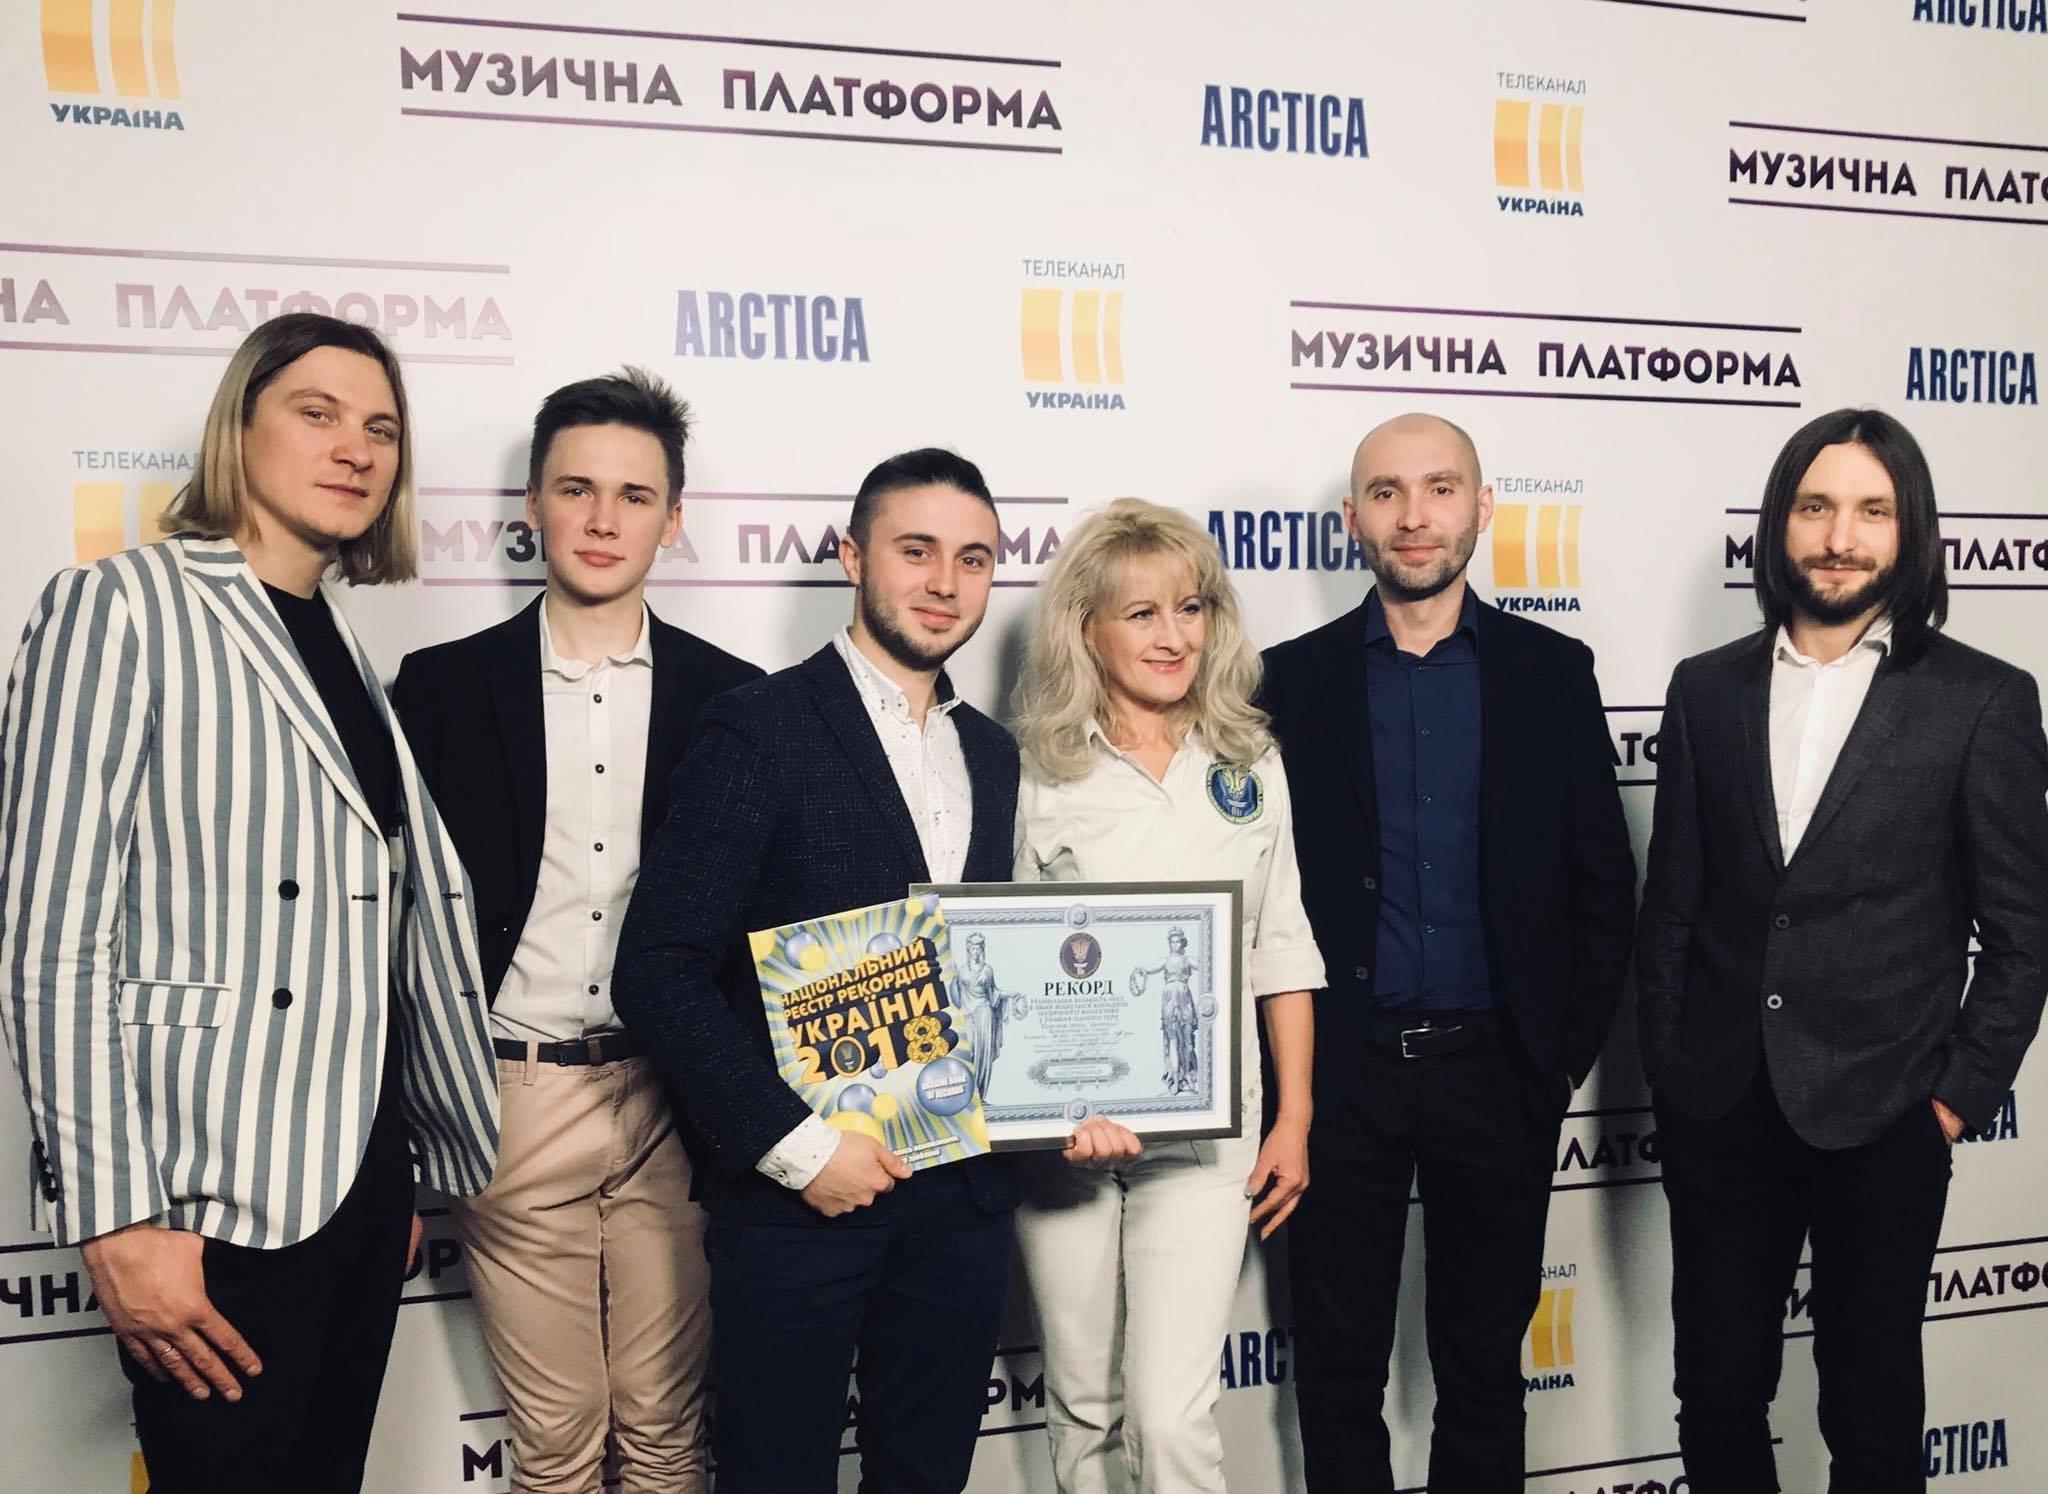 gruppa-antitla-ustanovila-nacionalnyy-rekord-ukrainy-3